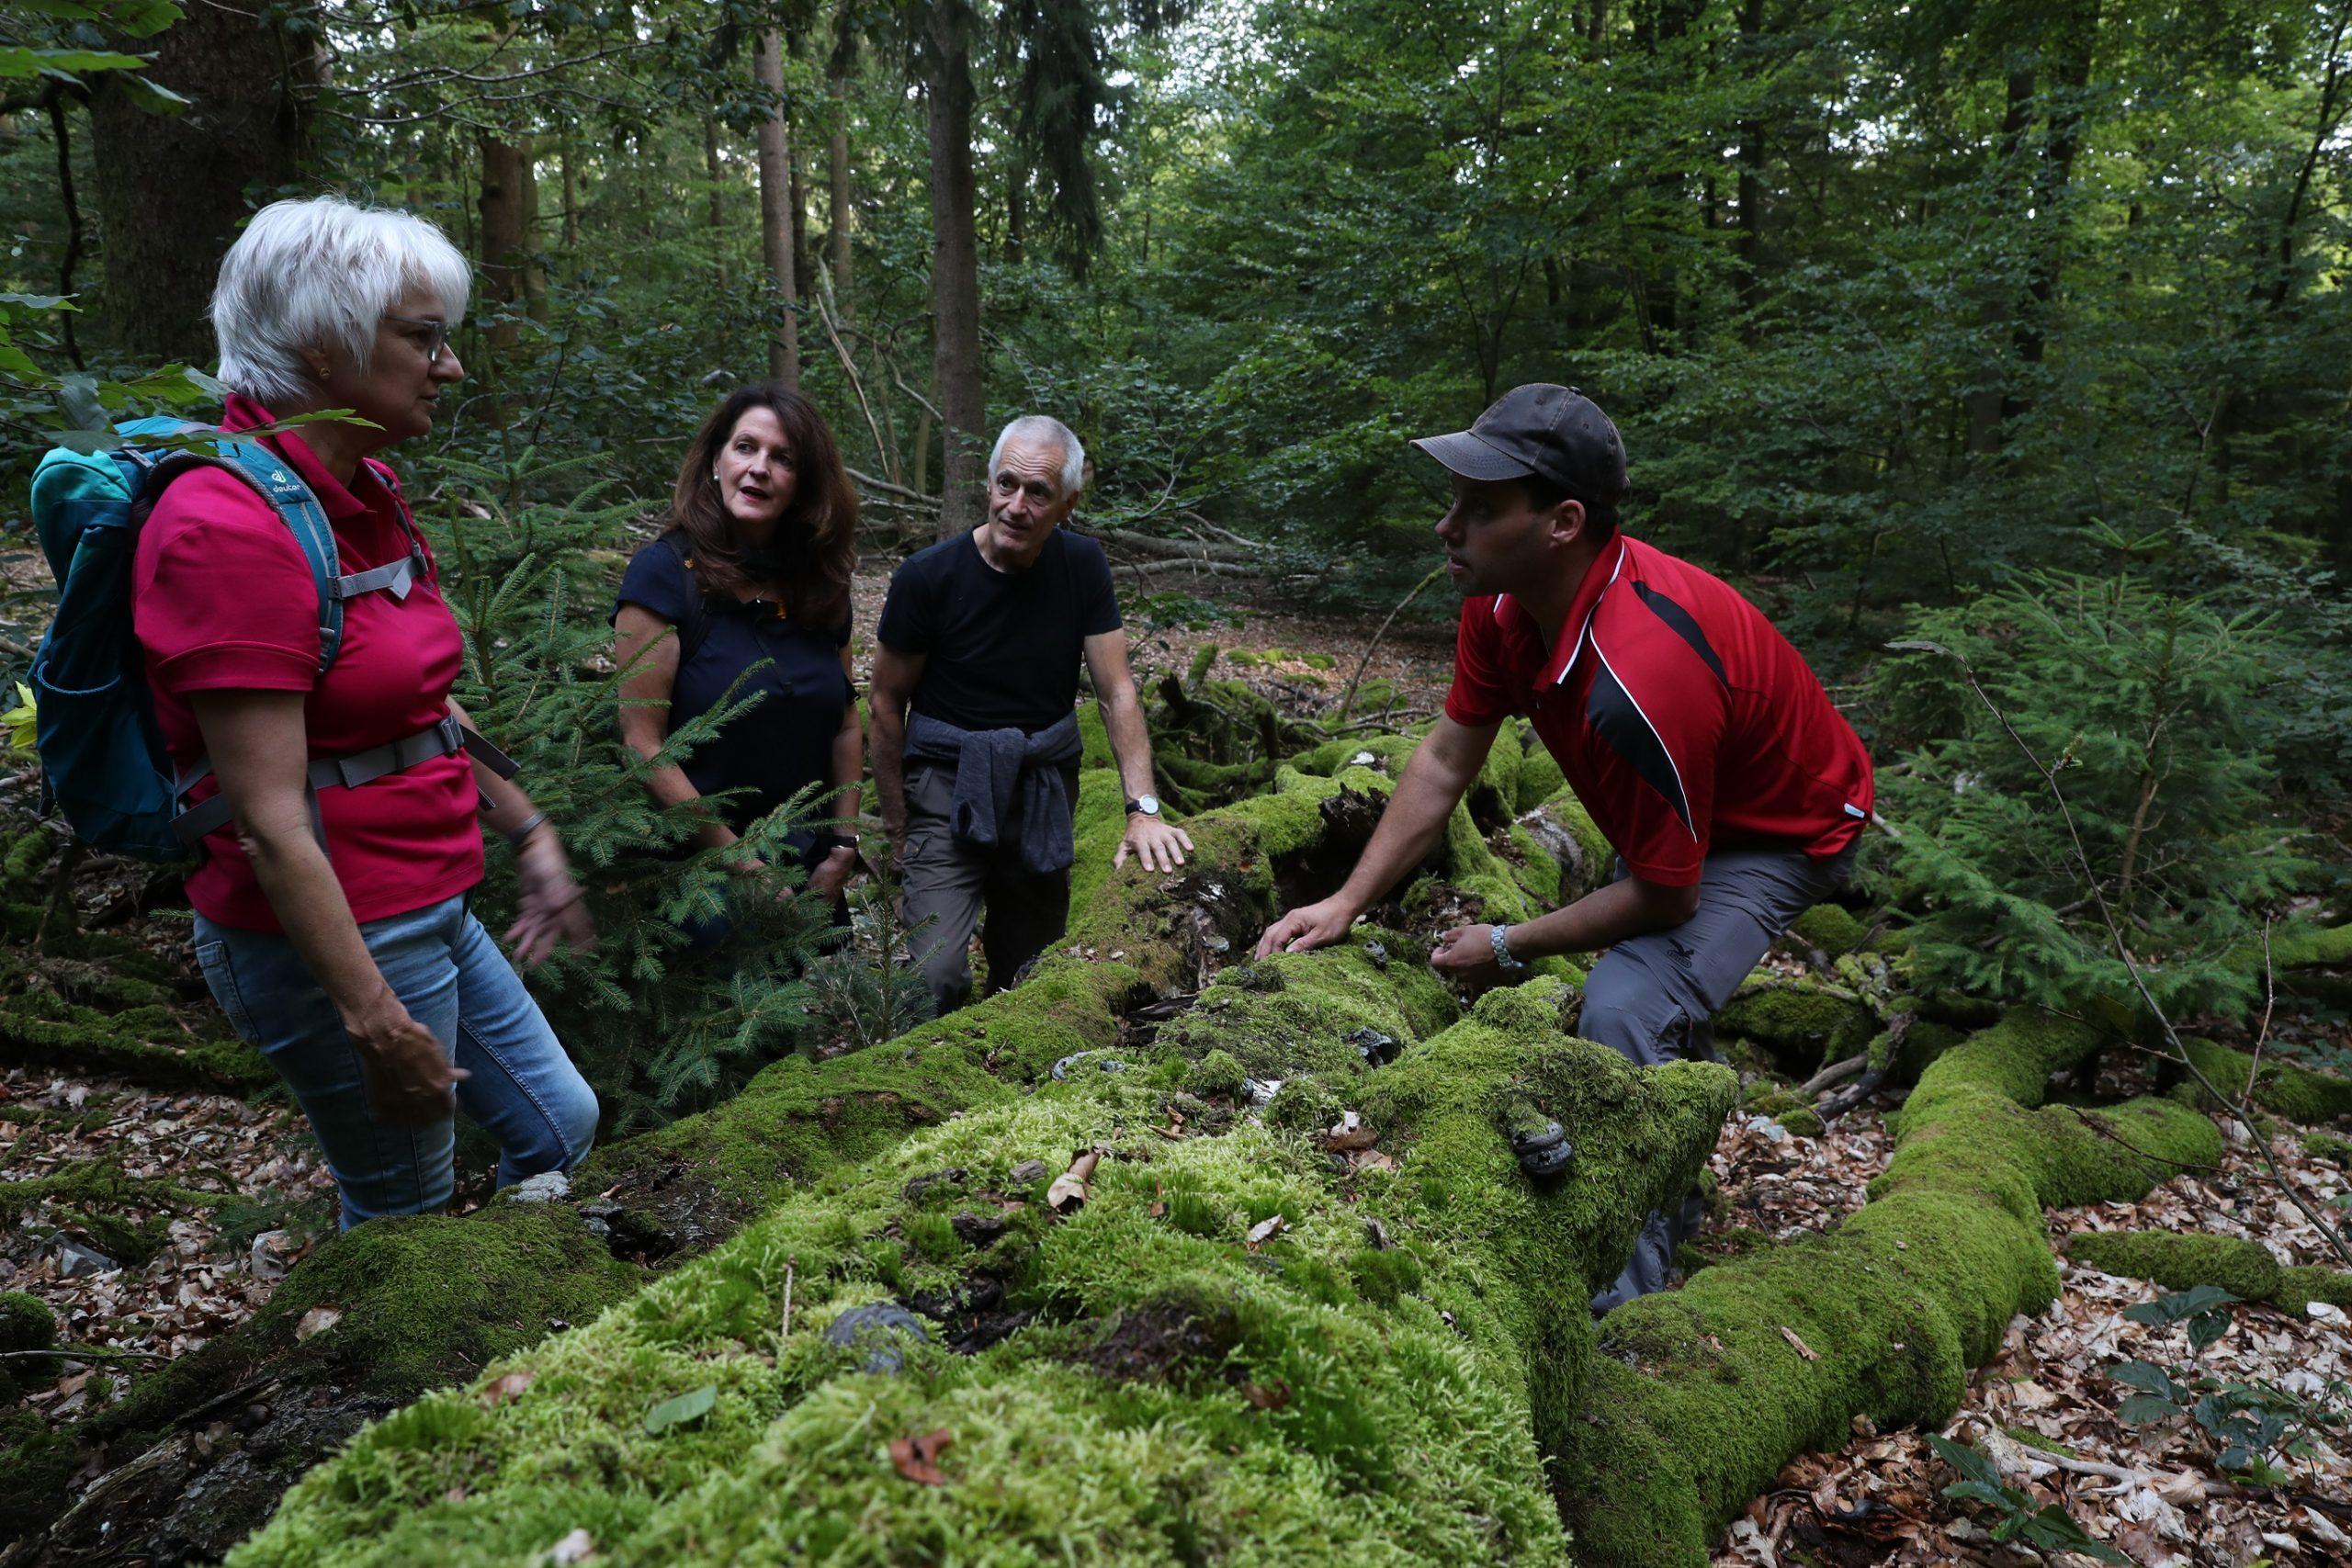 Nationalpark-Erlebnistouren wieder gestartet, Trekking-Camps geöffnet